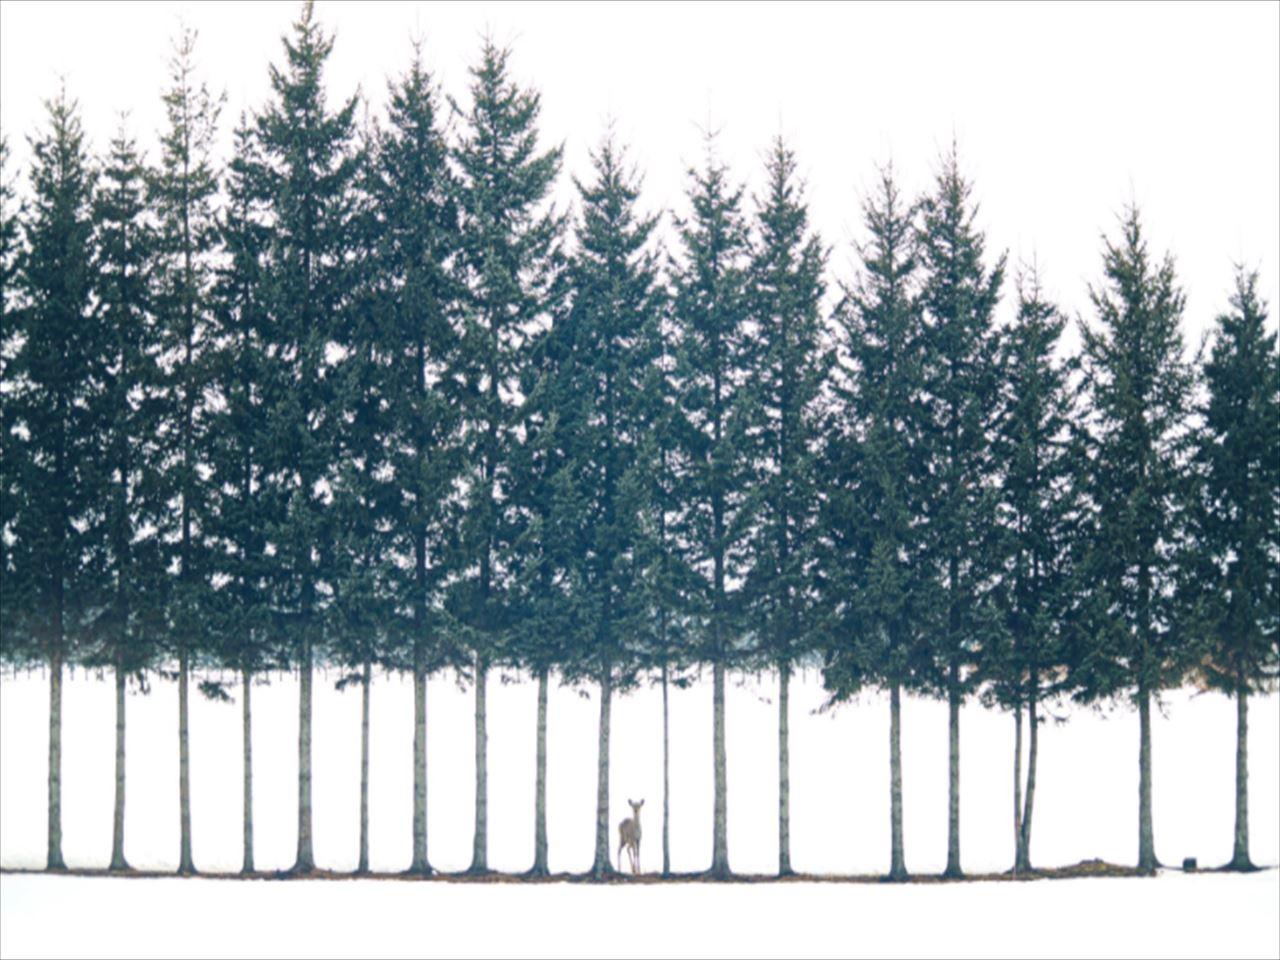 まるでおとぎ話のワンシーン!北海道で撮影した絵に描いたような写真がすごい!